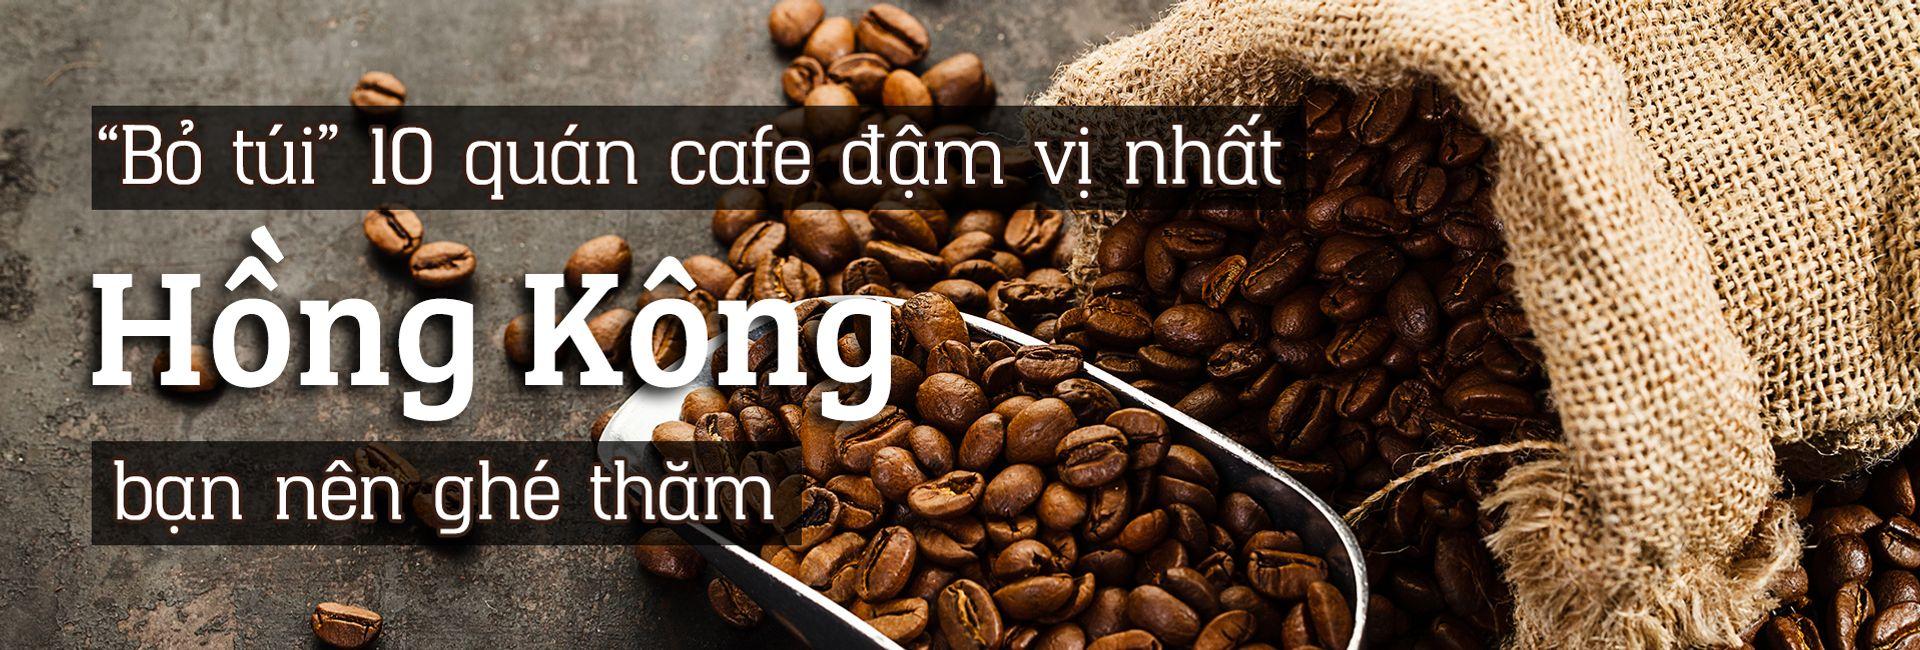 Top 10 quán cafe ngon nhất Hồng Kông